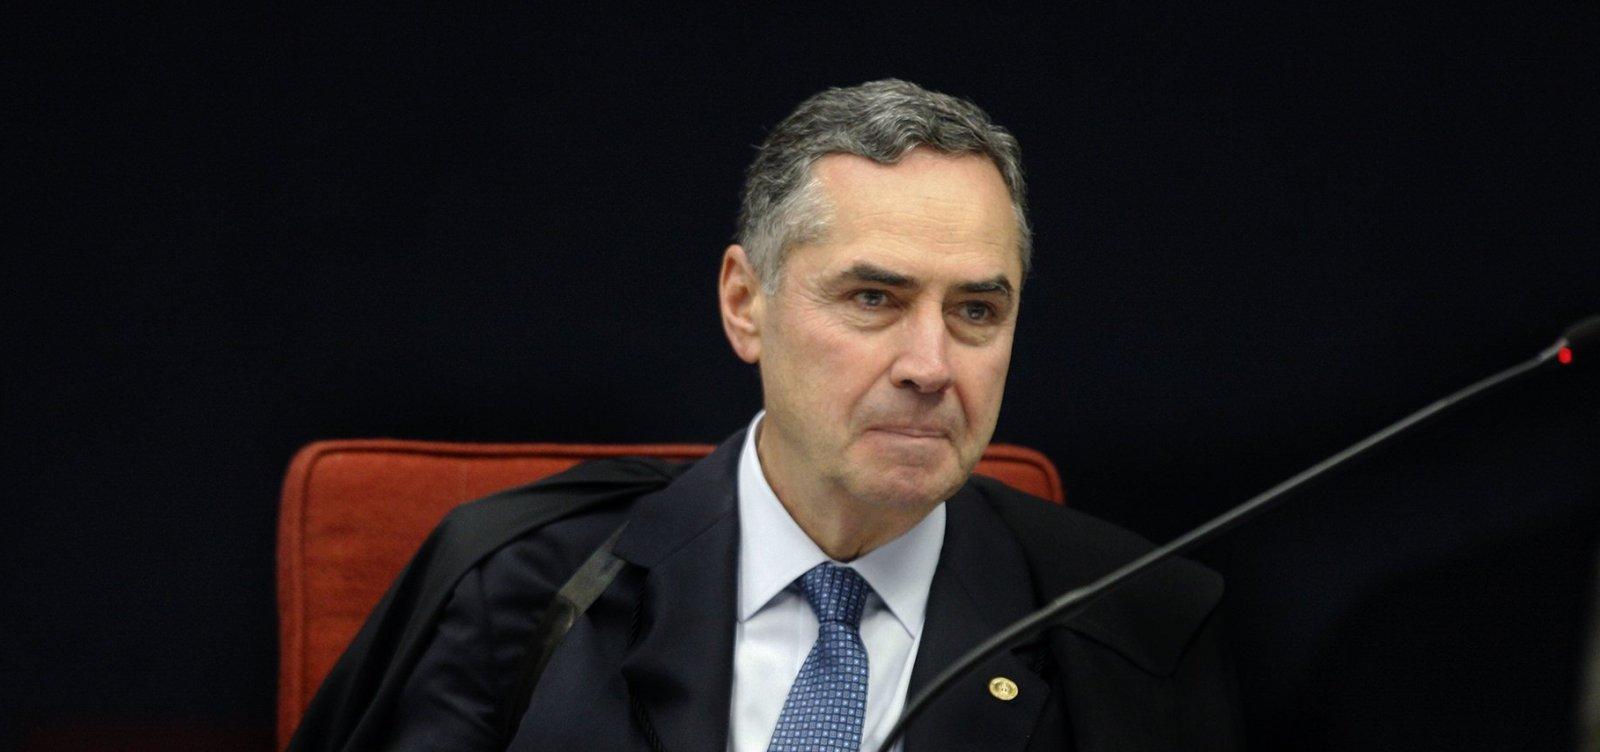 Ministro do STF diz que sistema político do país extrai 'o pior das pessoas'